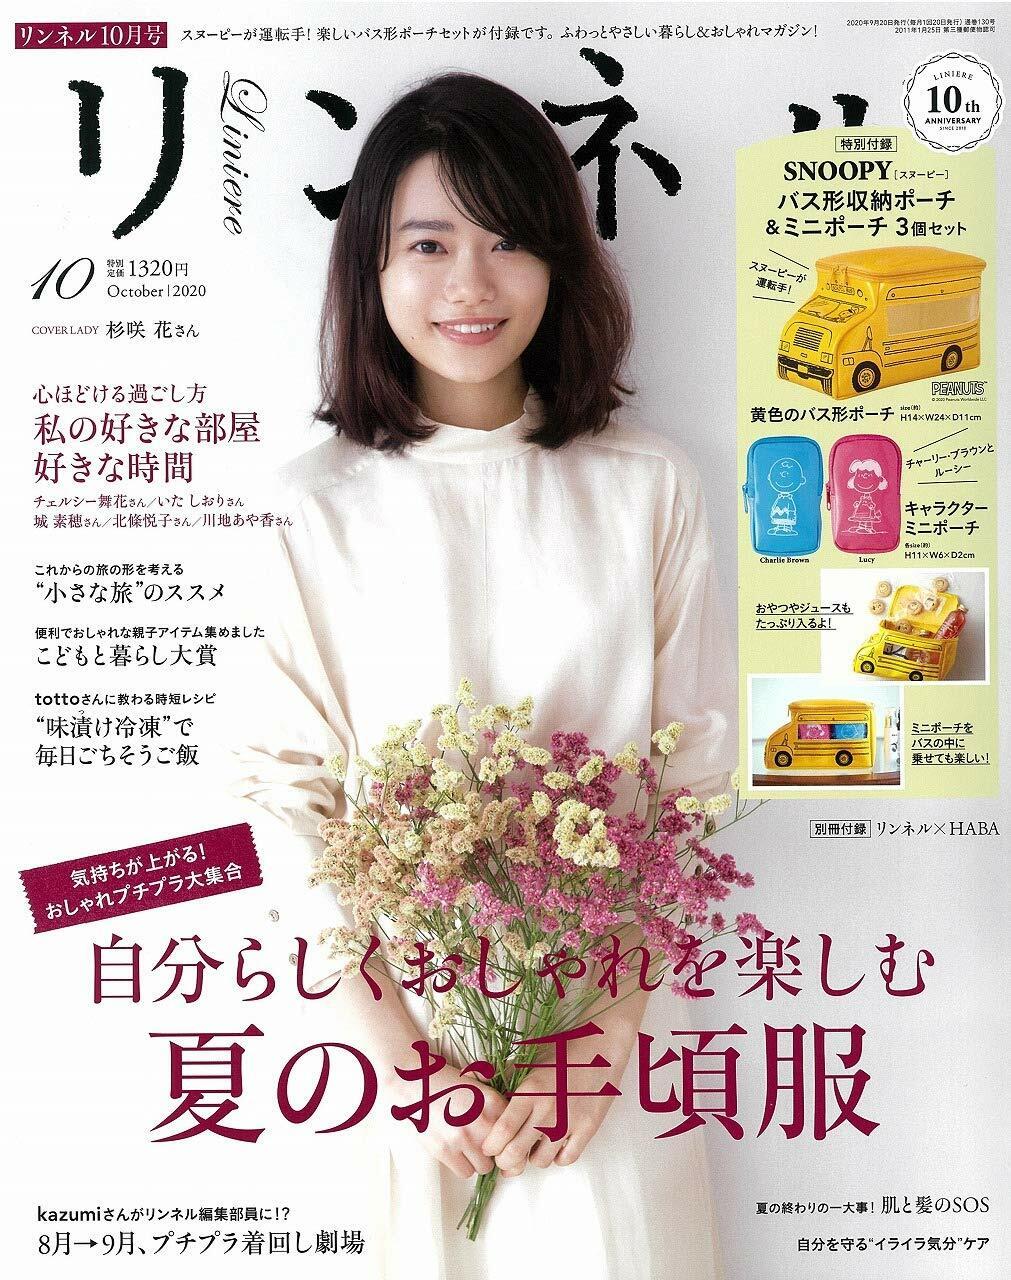 リンネル 2020年 10月號 (雜誌, 月刊)